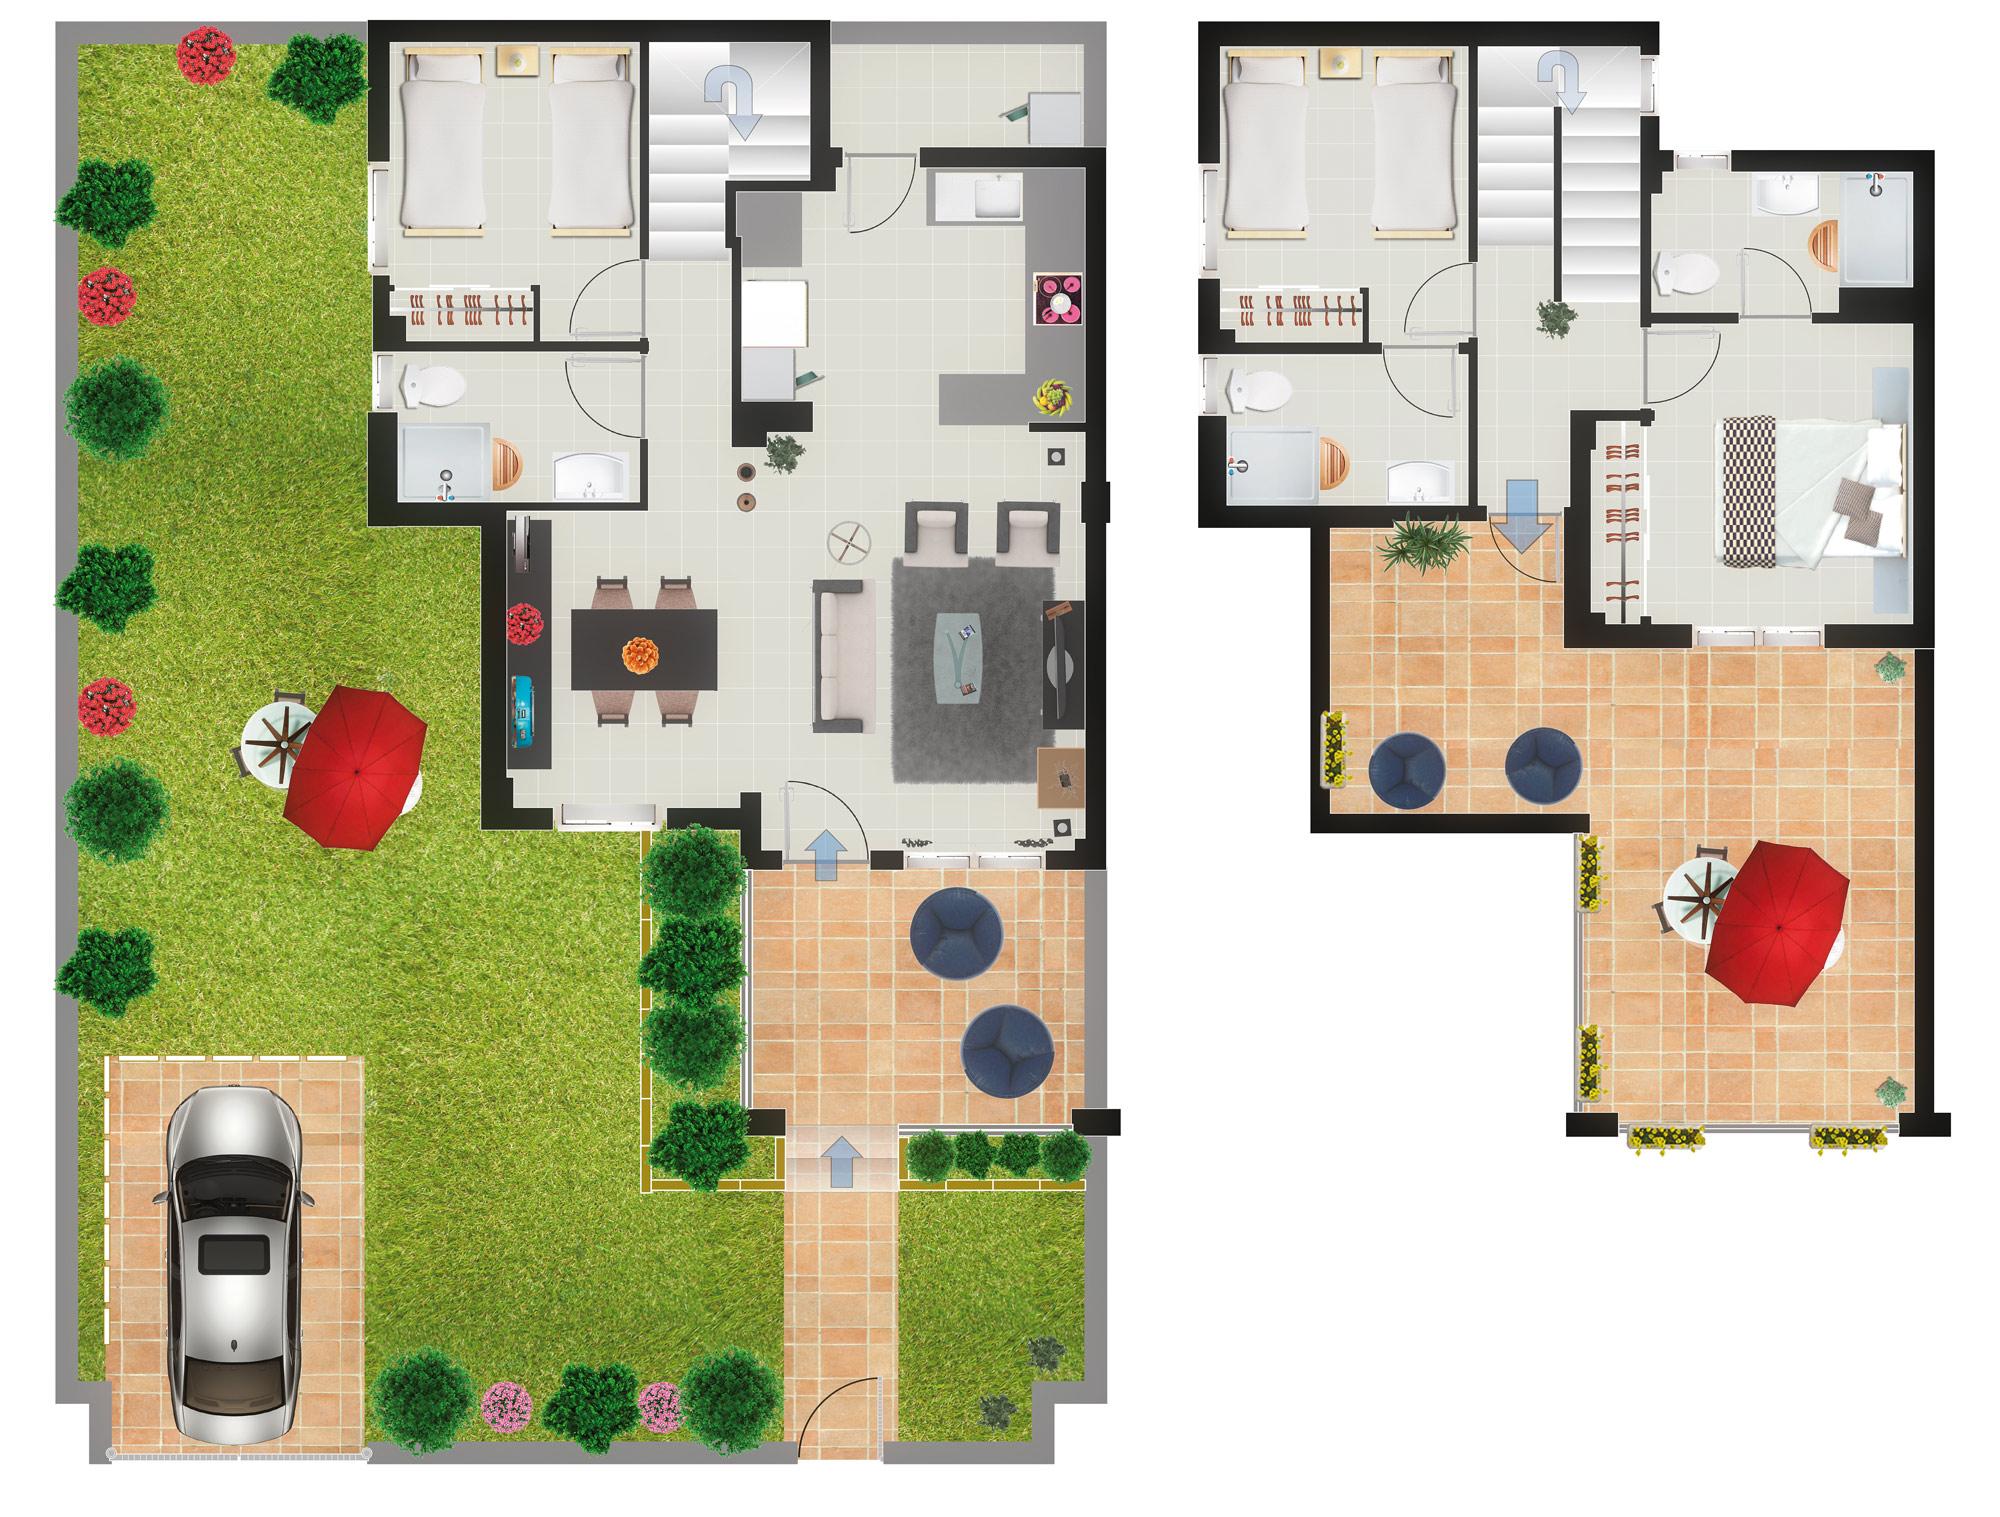 plan4_full.jpg